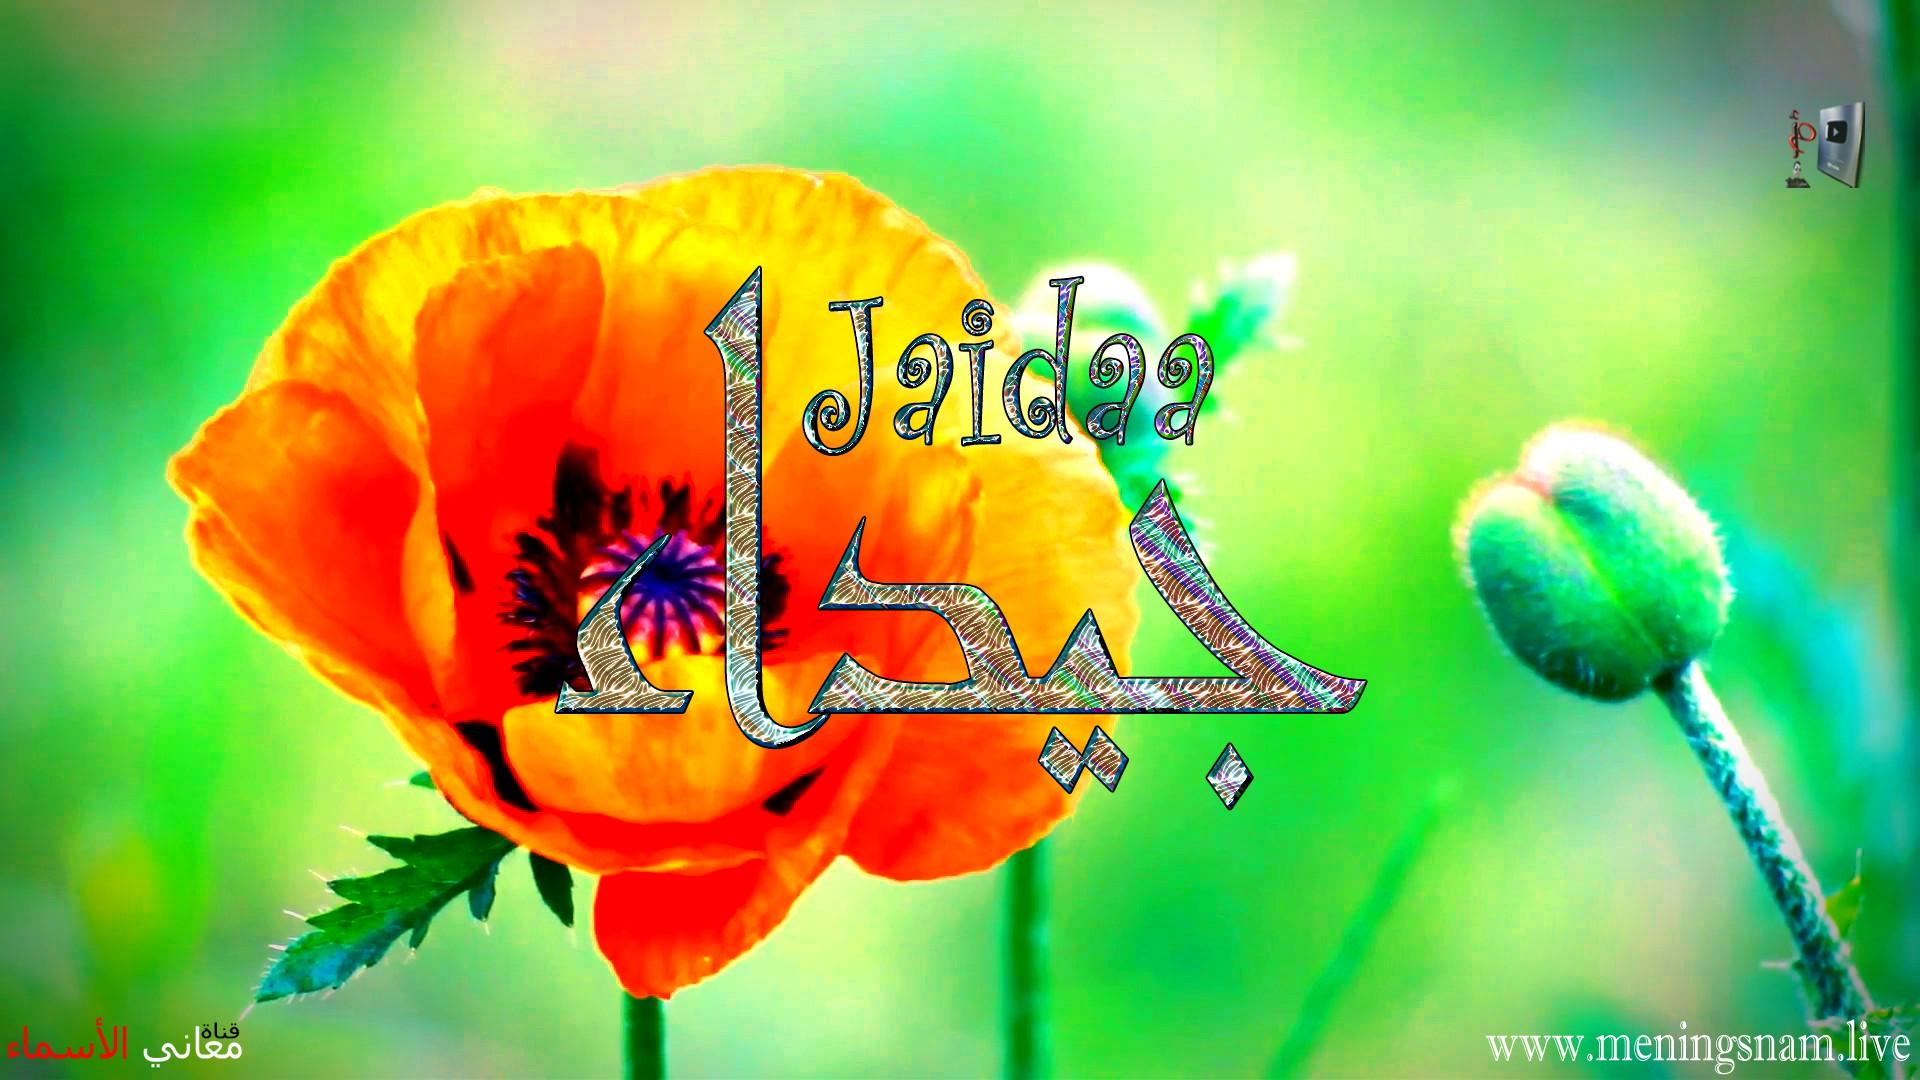 معنى اسم جيداء وصفات حاملة هذا الاسم Jaidaa